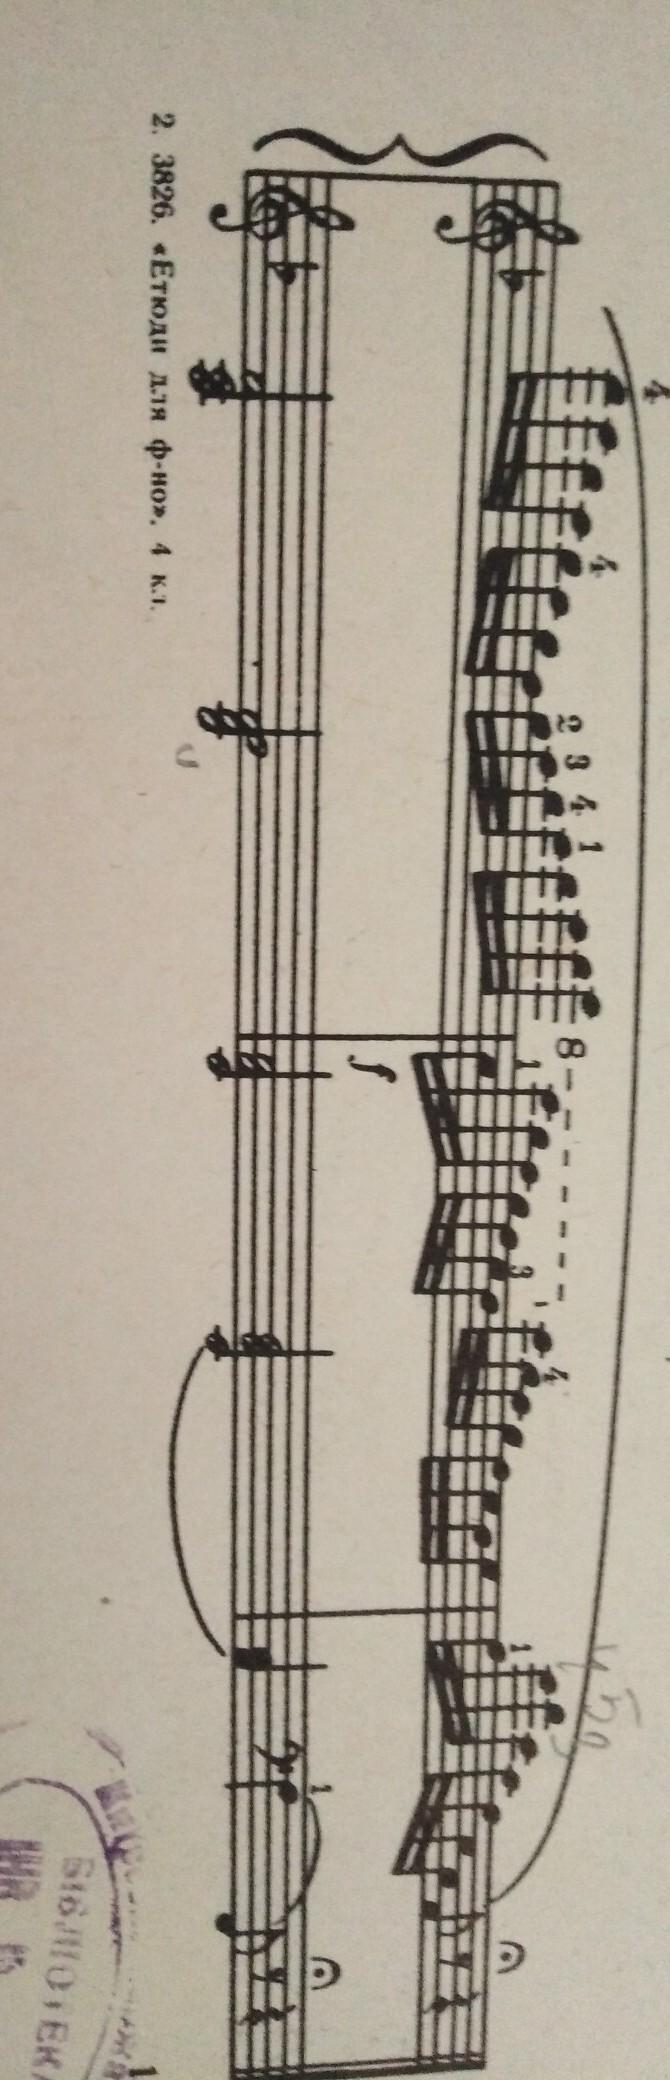 Очень прошу вас завтра экзамен по музке напишите